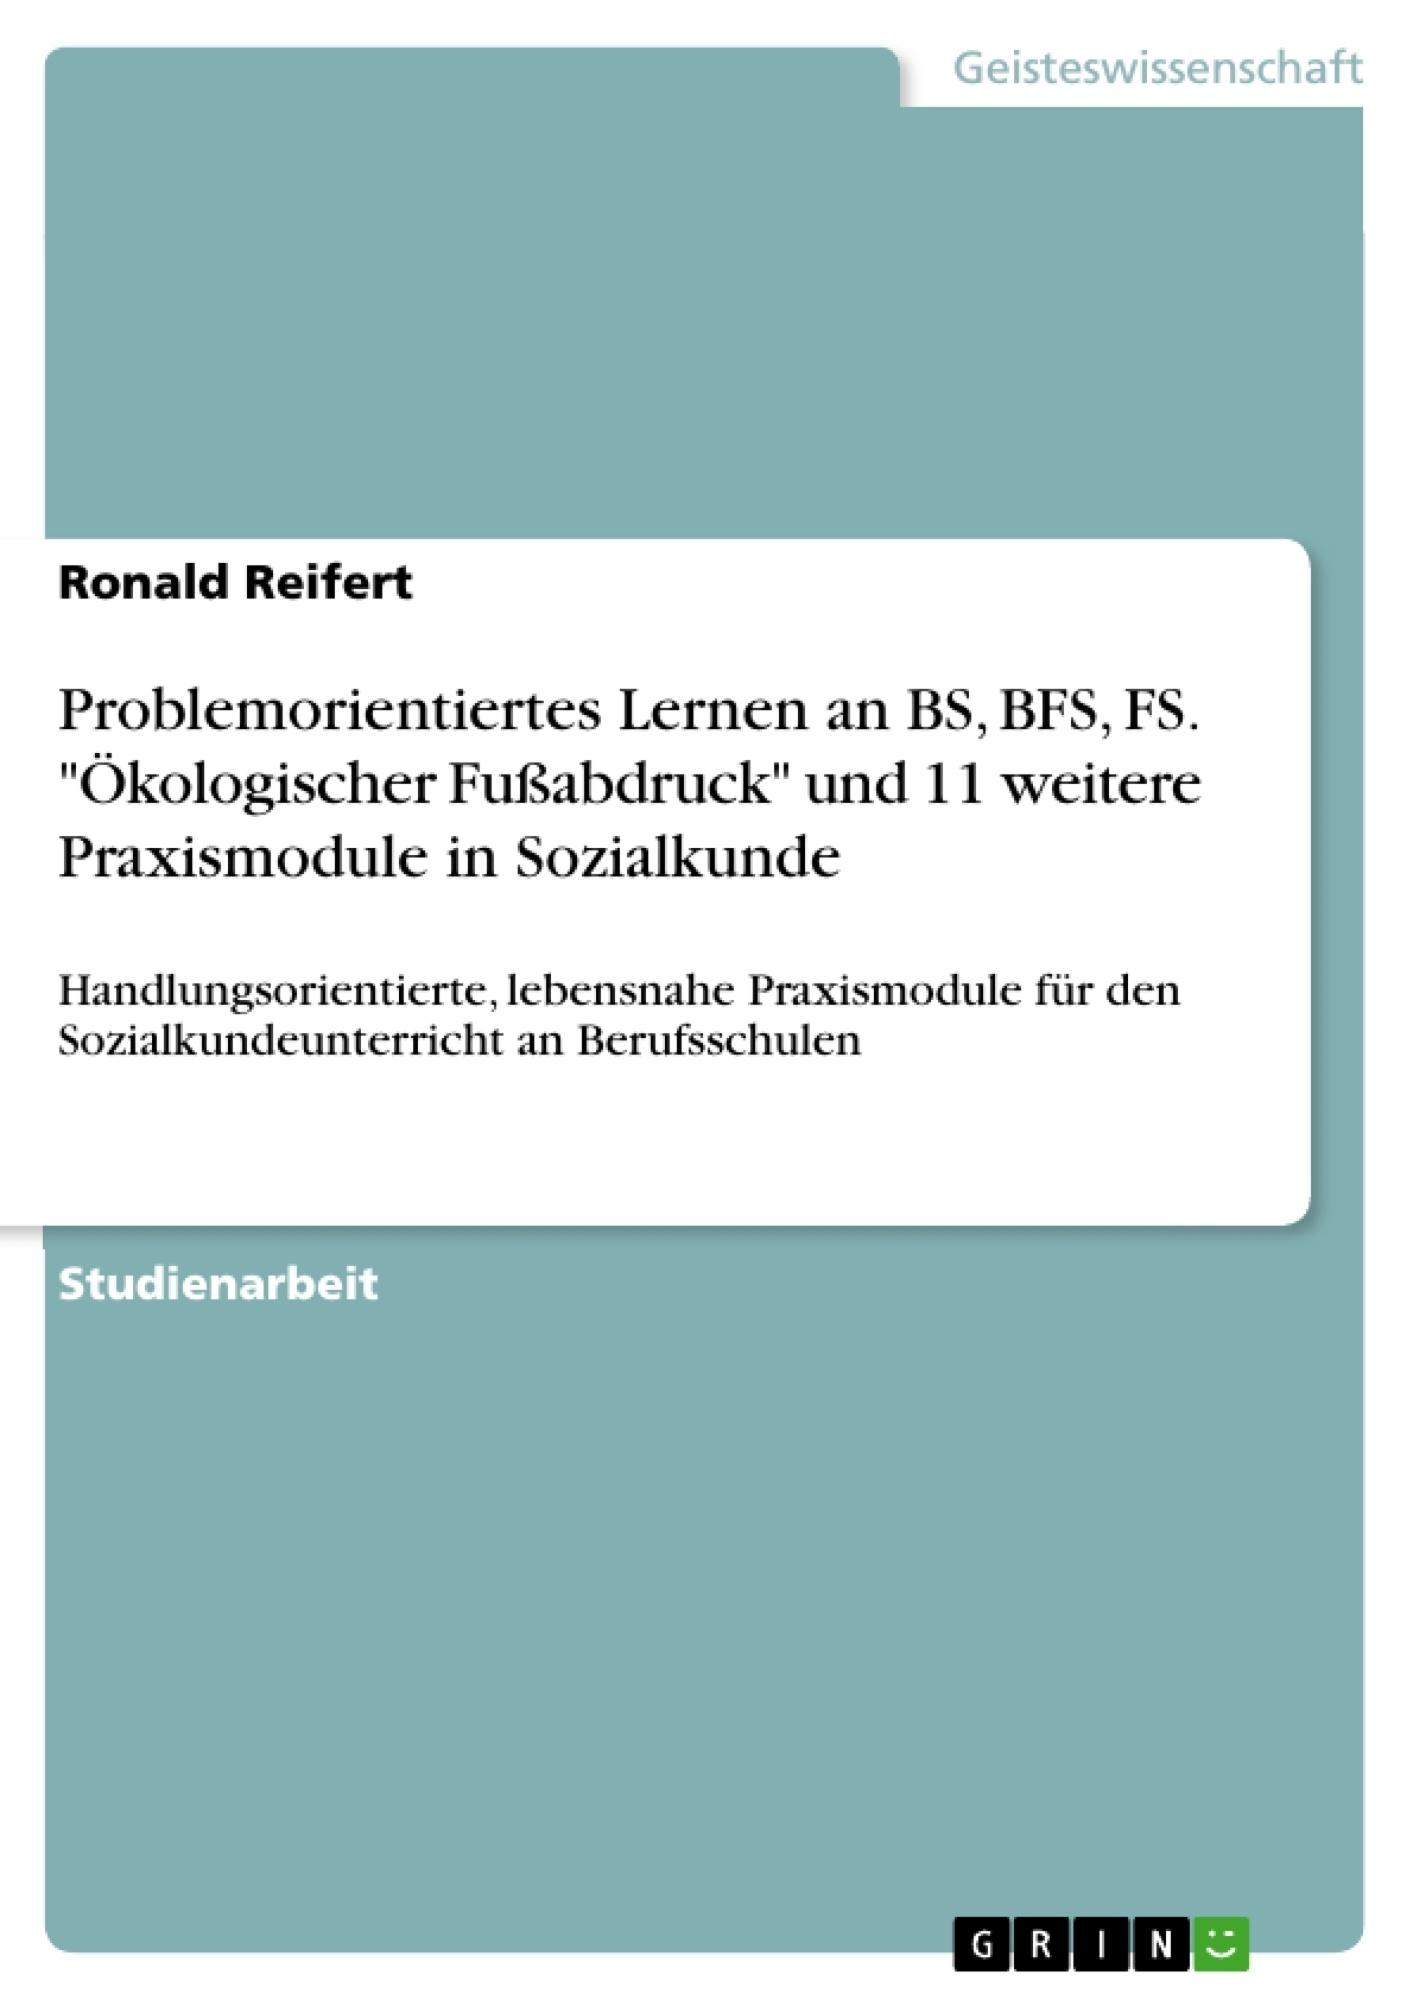 """Titel: Problemorientiertes Lernen an BS, BFS, FS. """"Ökologischer Fußabdruck"""" und 11 weitere Praxismodule in Sozialkunde"""